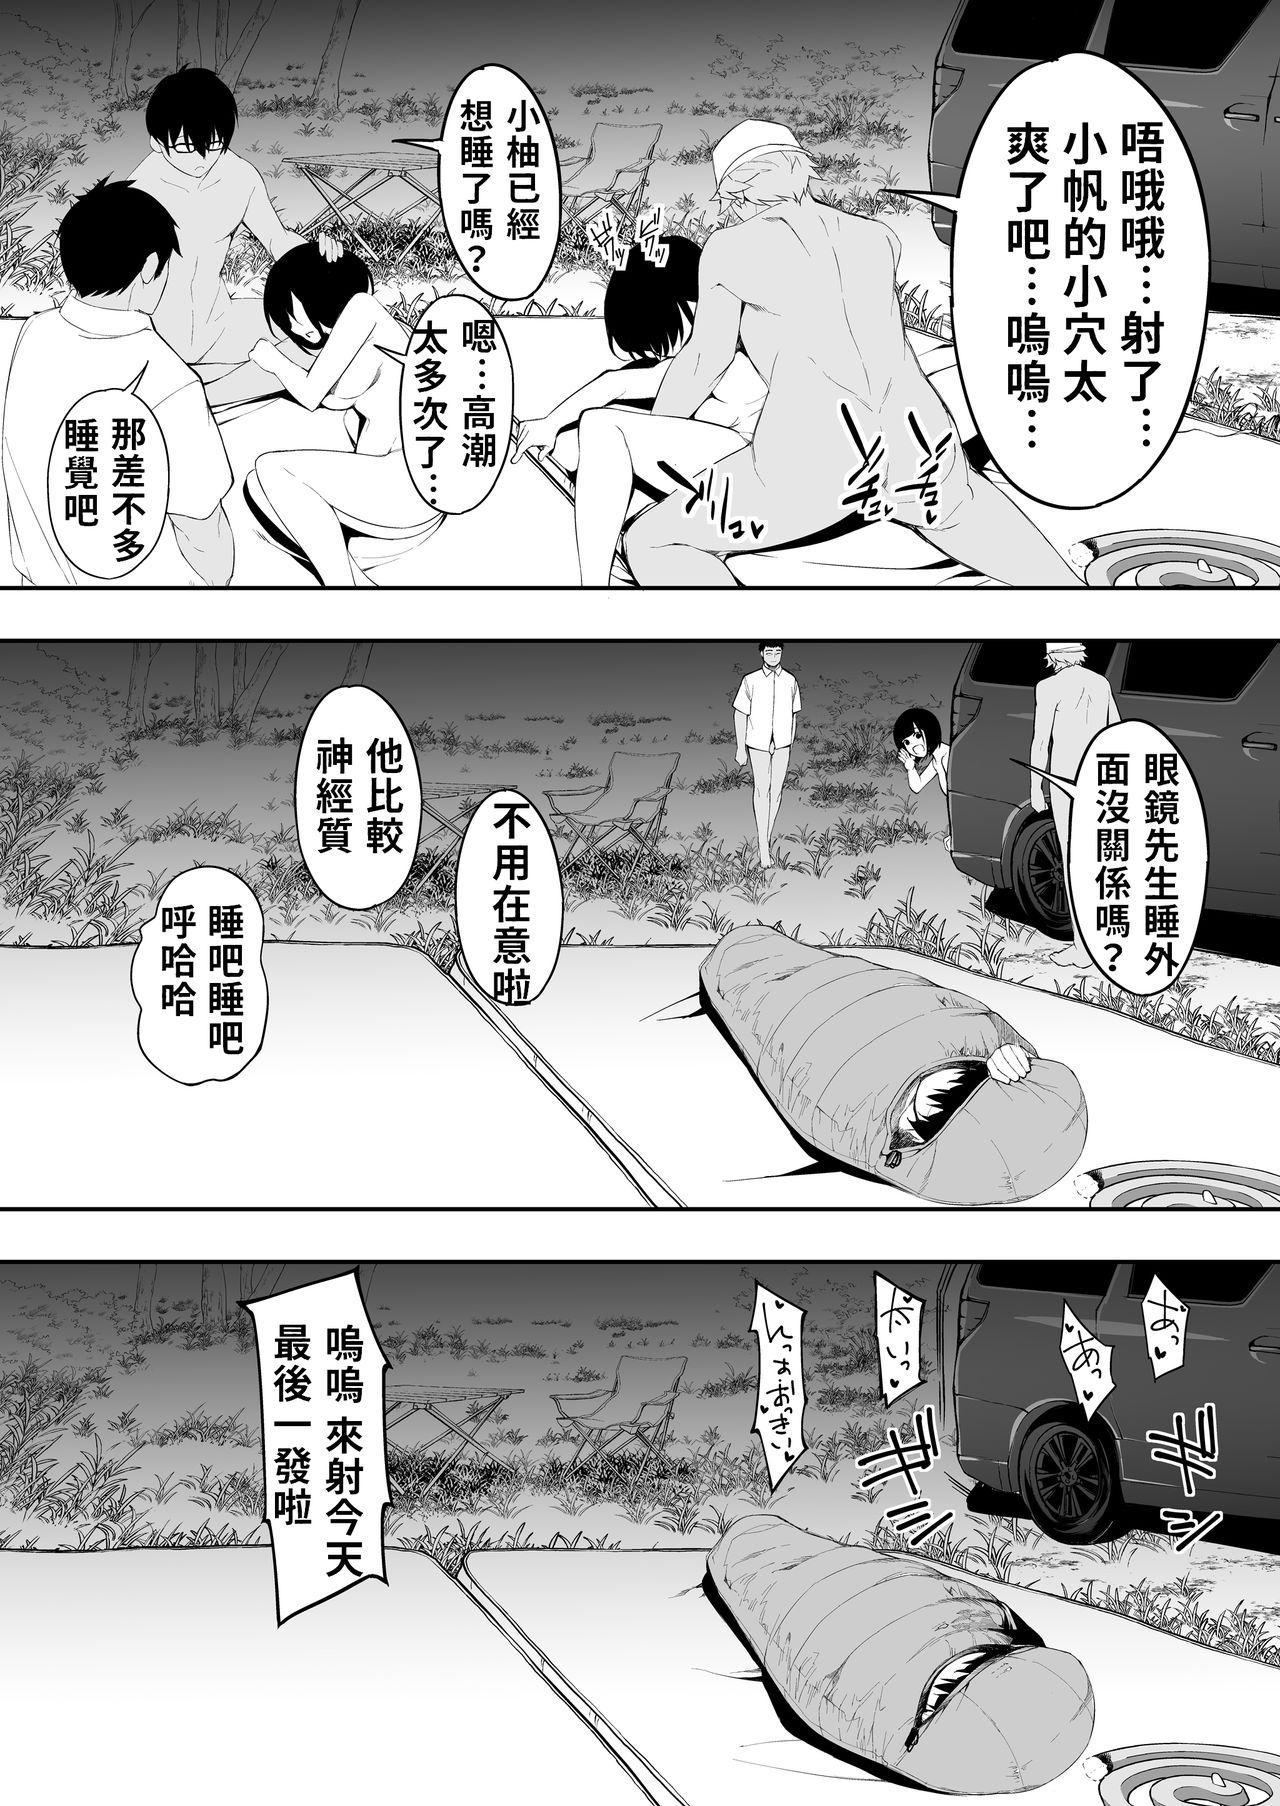 Panpan Travelers Hakata Shuudan Rape Ryokou | 吃飯兼炒飯TRAVELERS~博多集團強●旅行 112